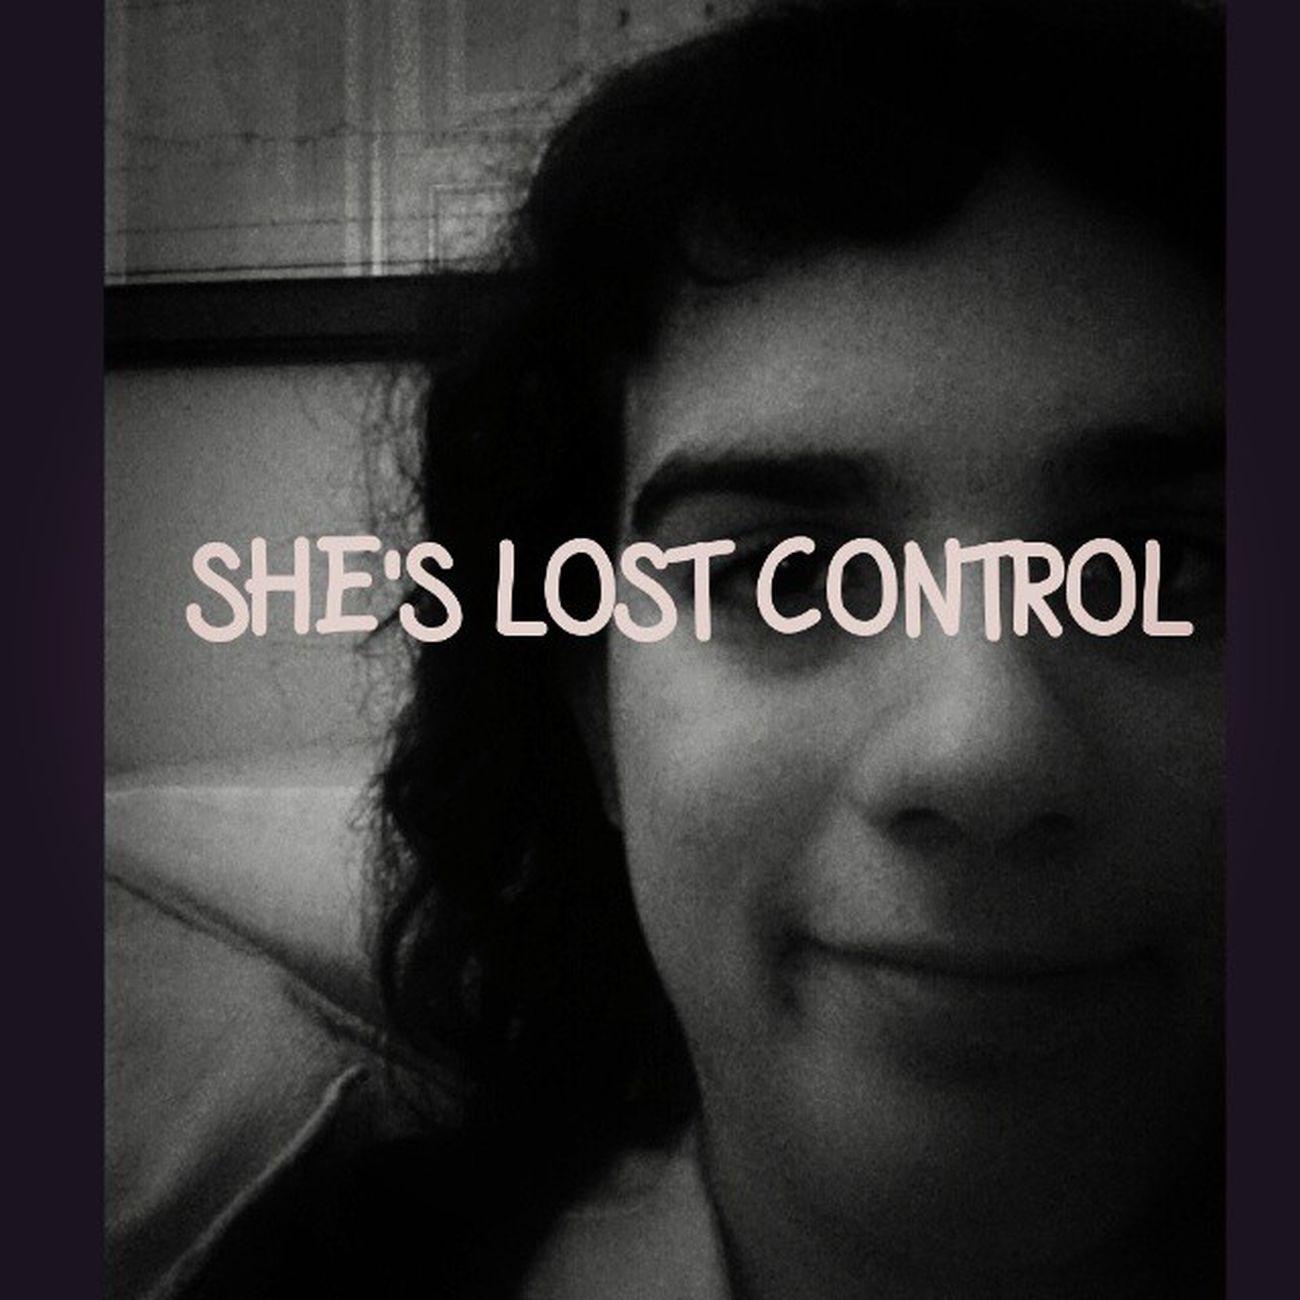 Sheslostcontrol Joydivision